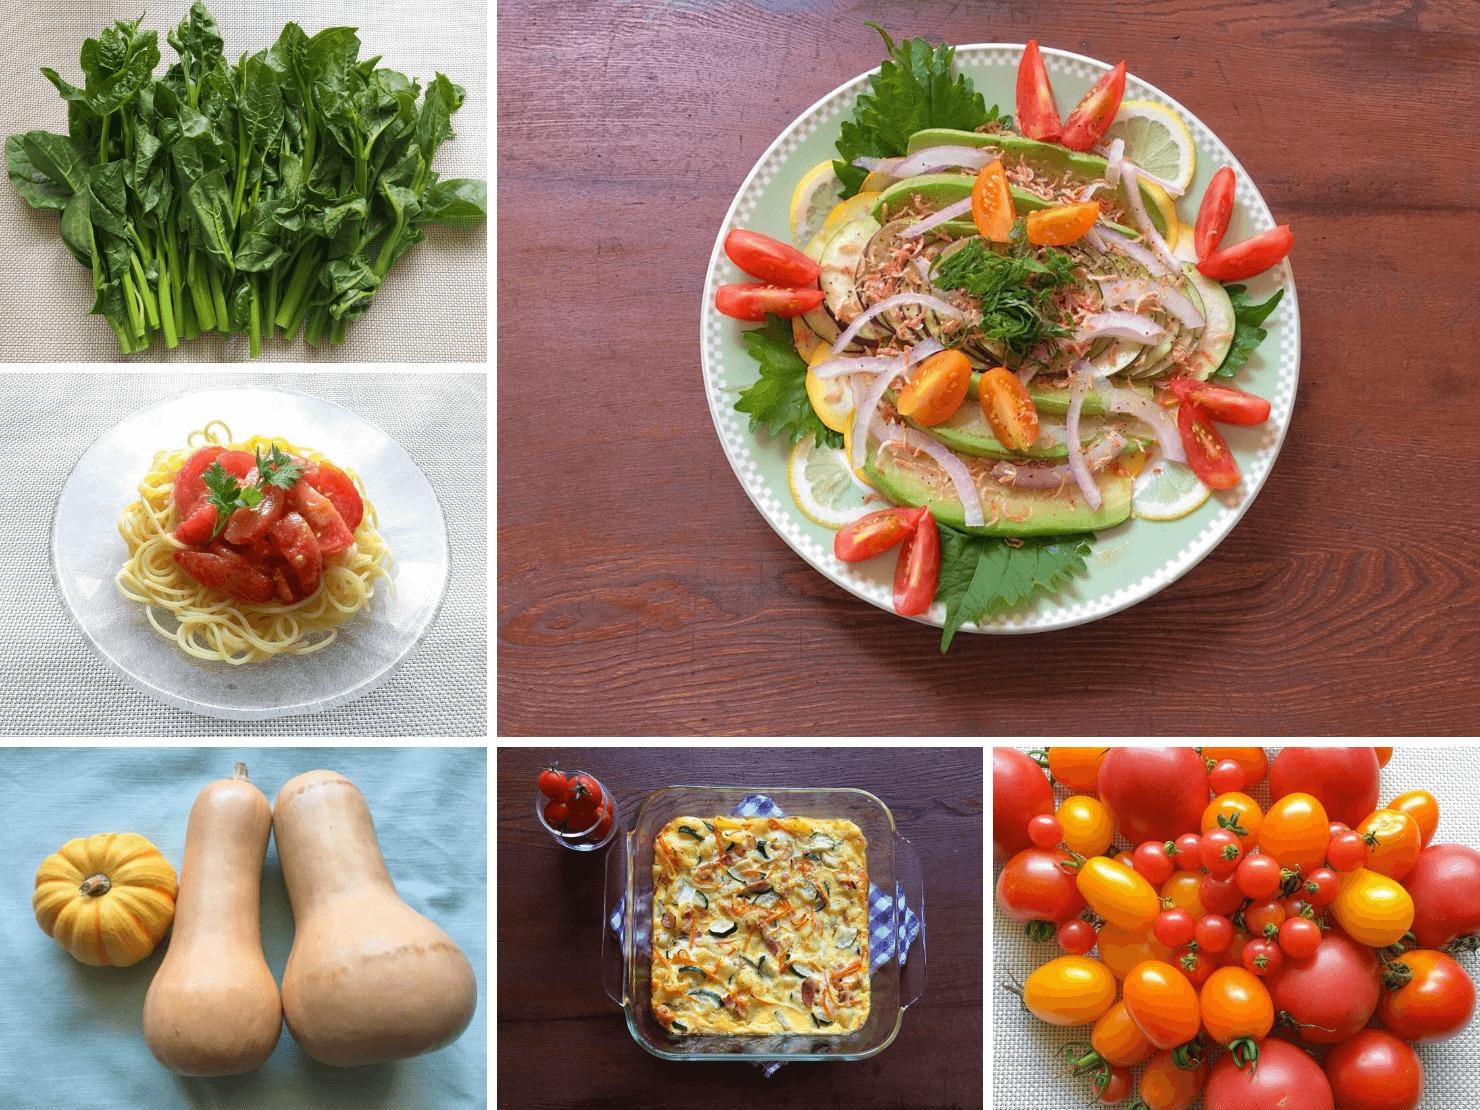 おいしそうな野菜と野菜たっぷりの料理の写真